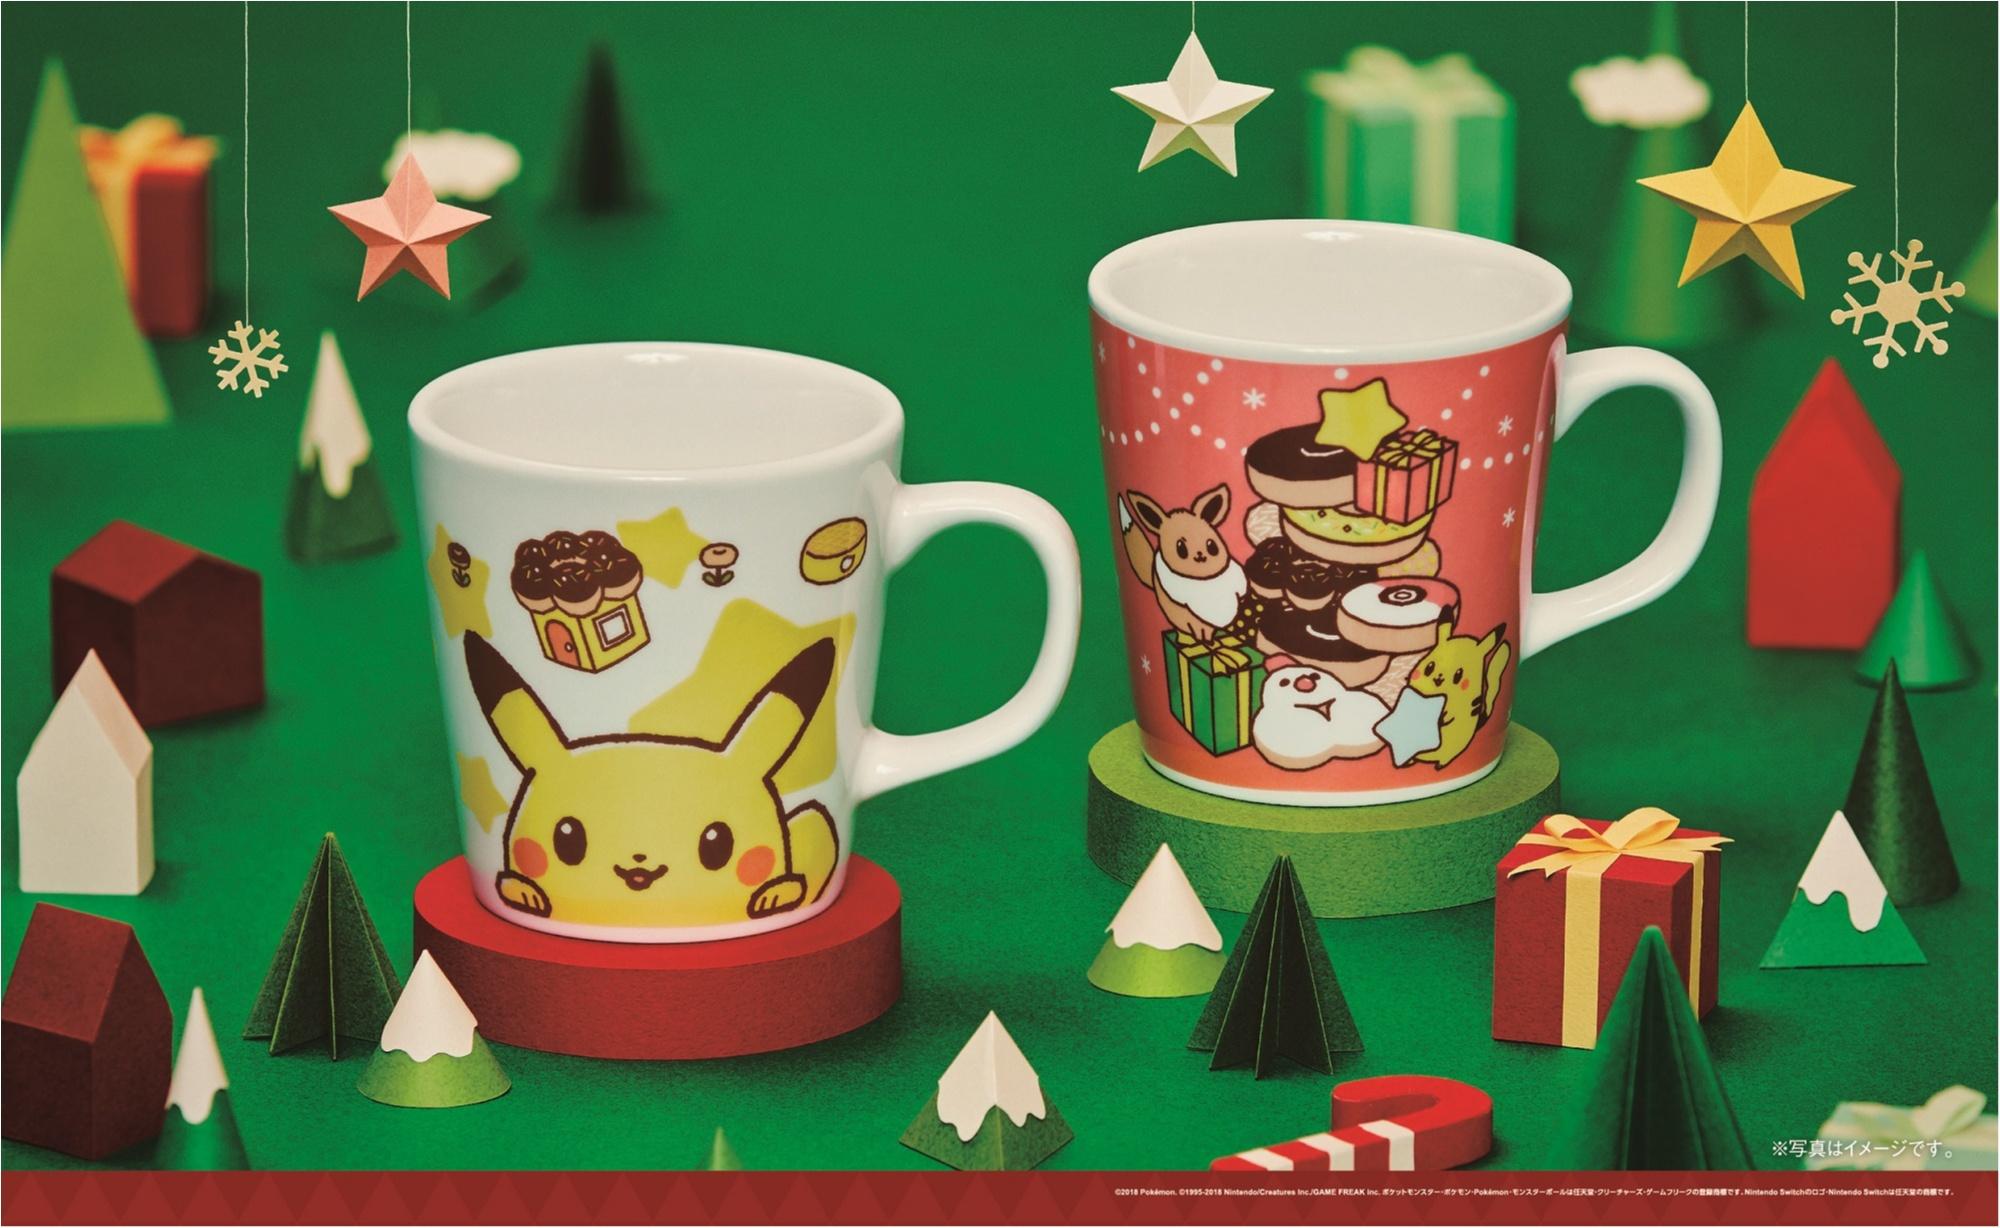 ミスドのクリスマスは『ポケモン』と一緒♡ 「ピカチュウ ドーナツ」が、可愛すぎて食べられない!_5